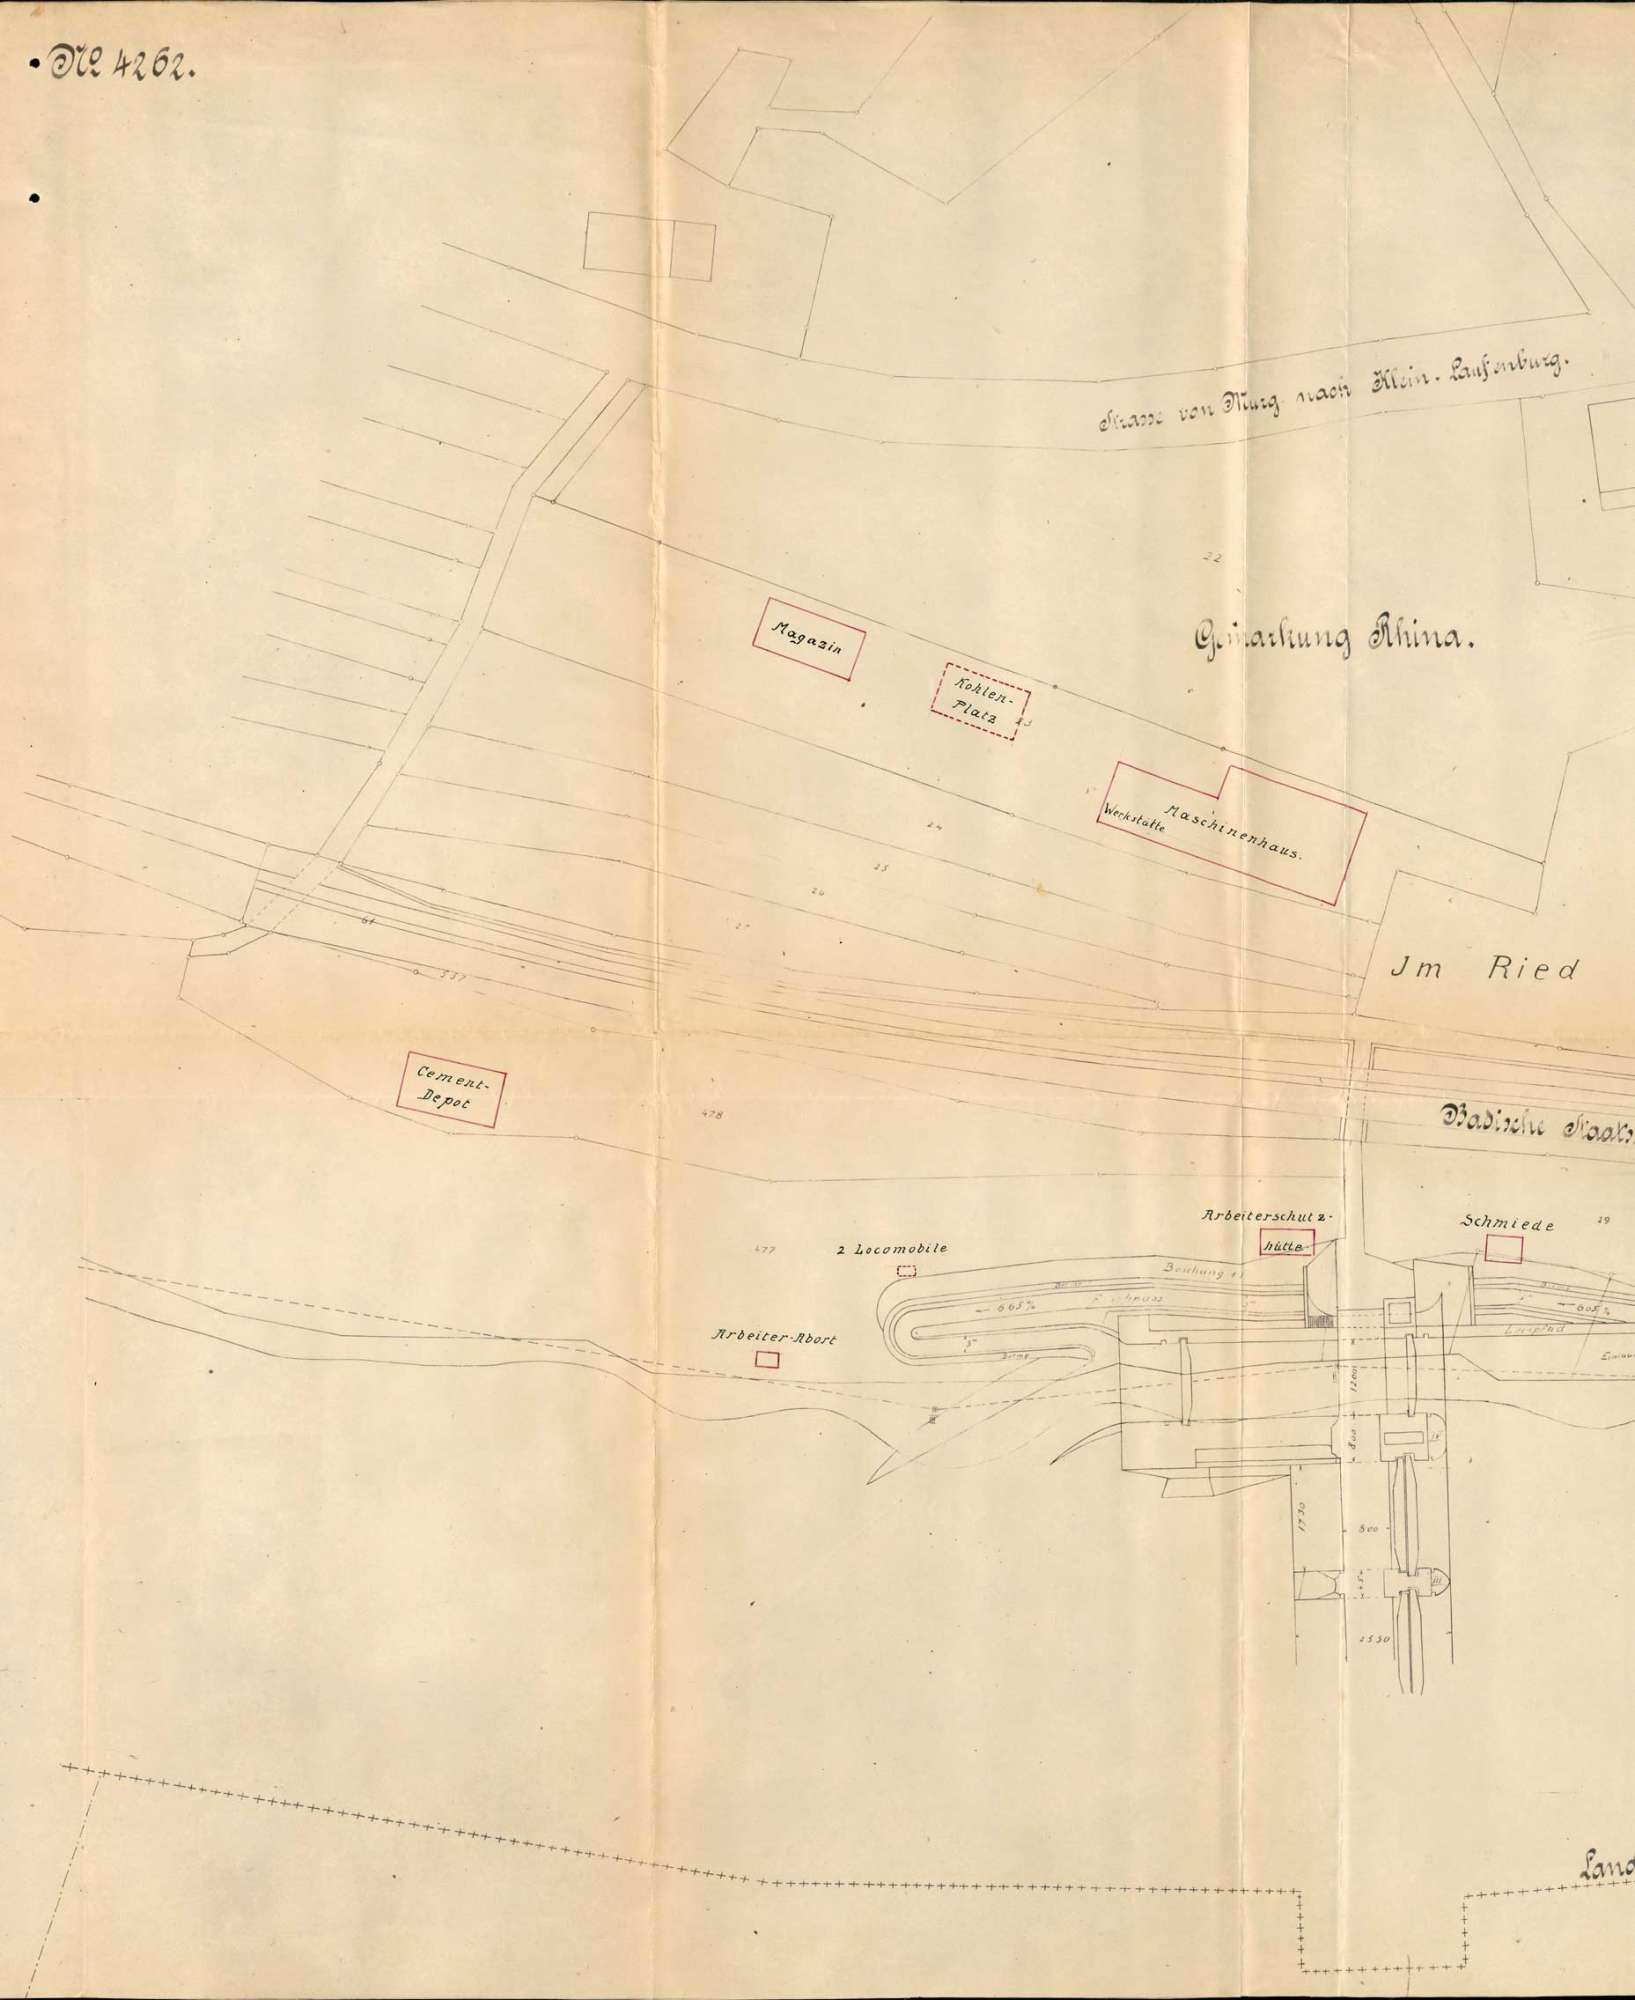 Dampfkessel der Firma Conrad Zschokke in Rhina, Bild 1